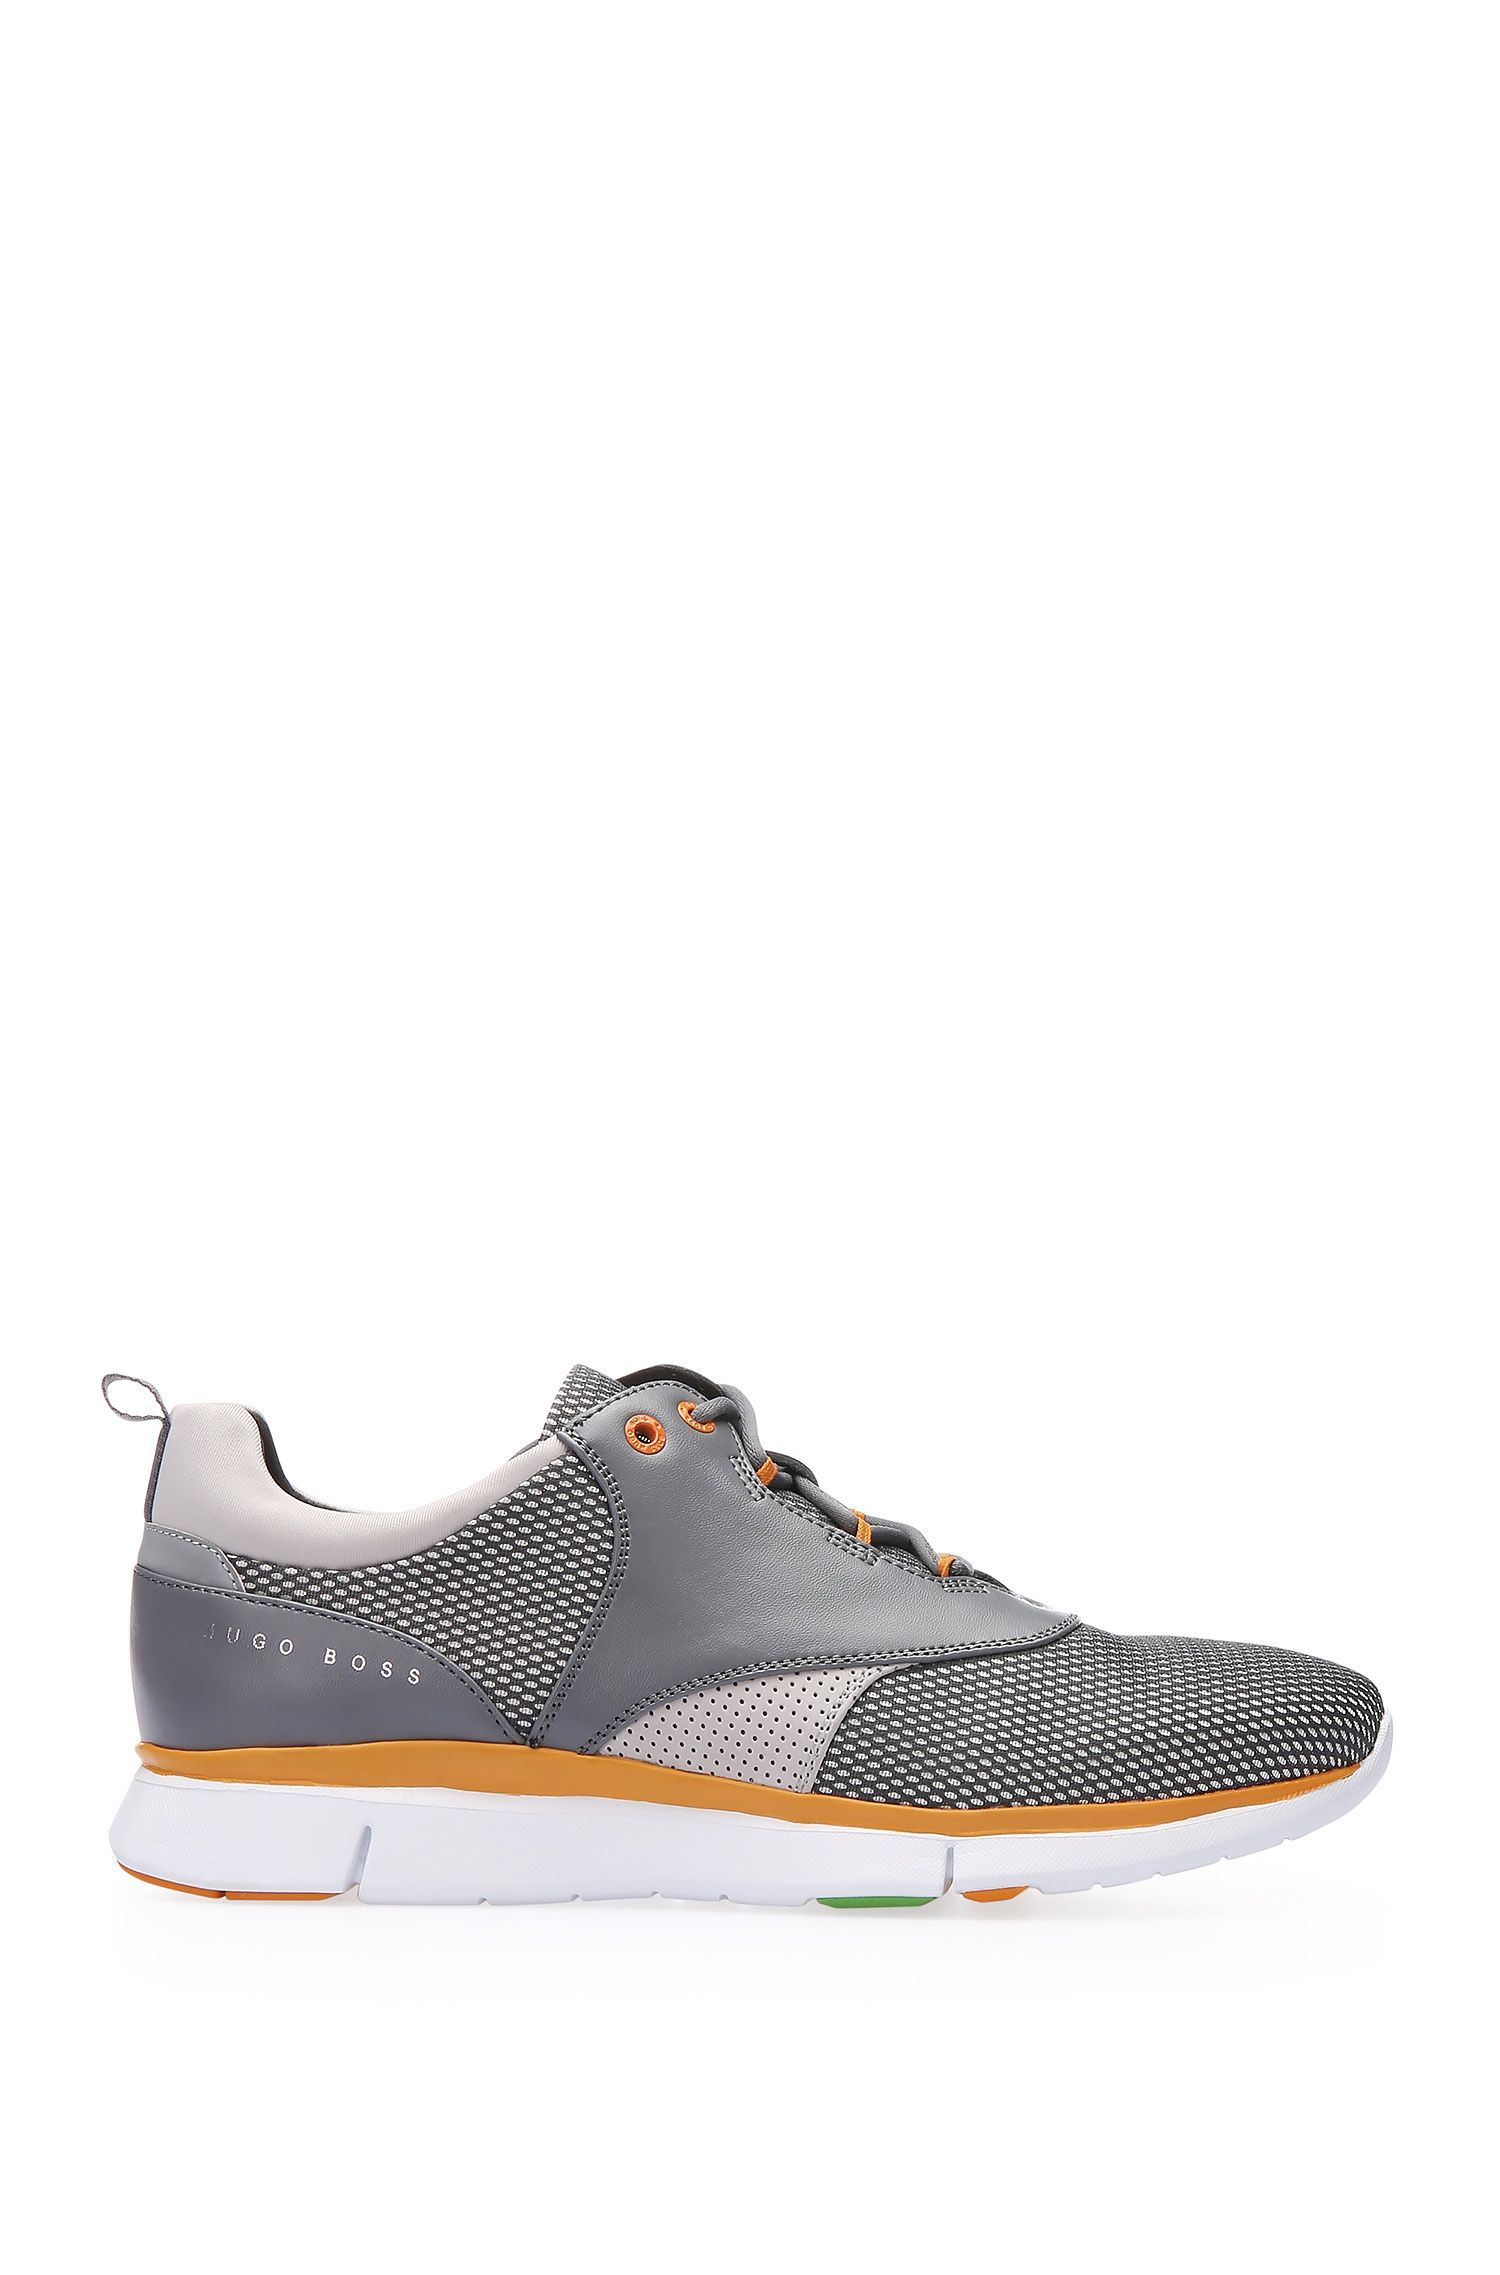 Leather Neoprene Running Sneaker | Gym Runn Nyme